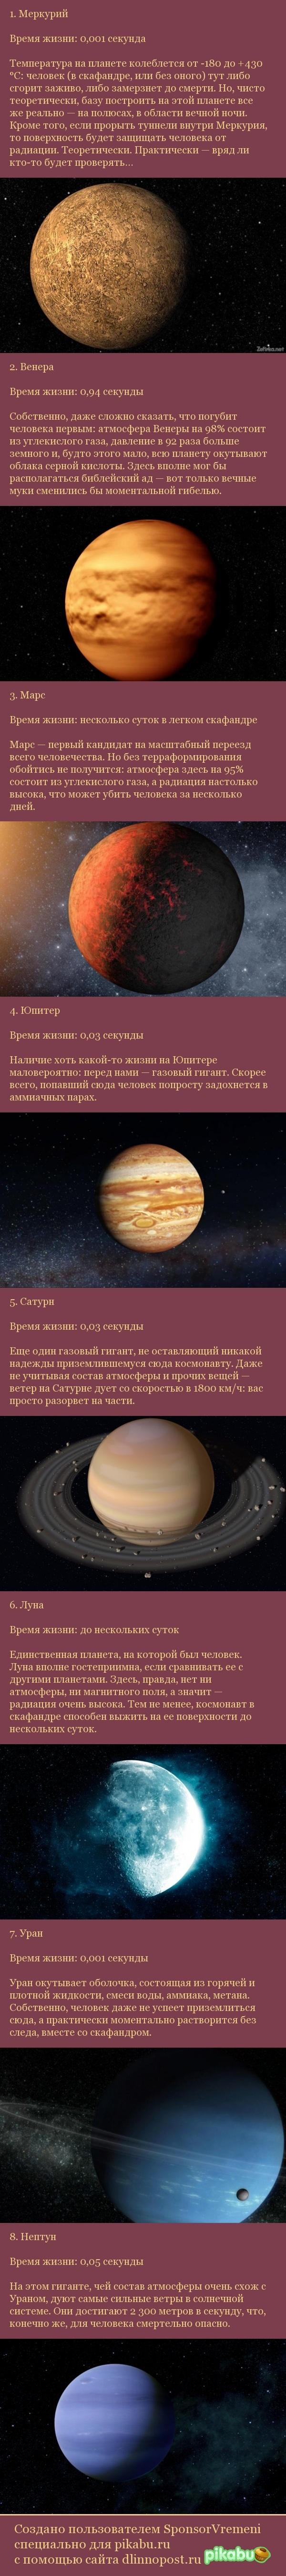 Сколько времени мы могли бы прожить на других планетах? Яплакал, Честно украдено, Космос, Длиннопост